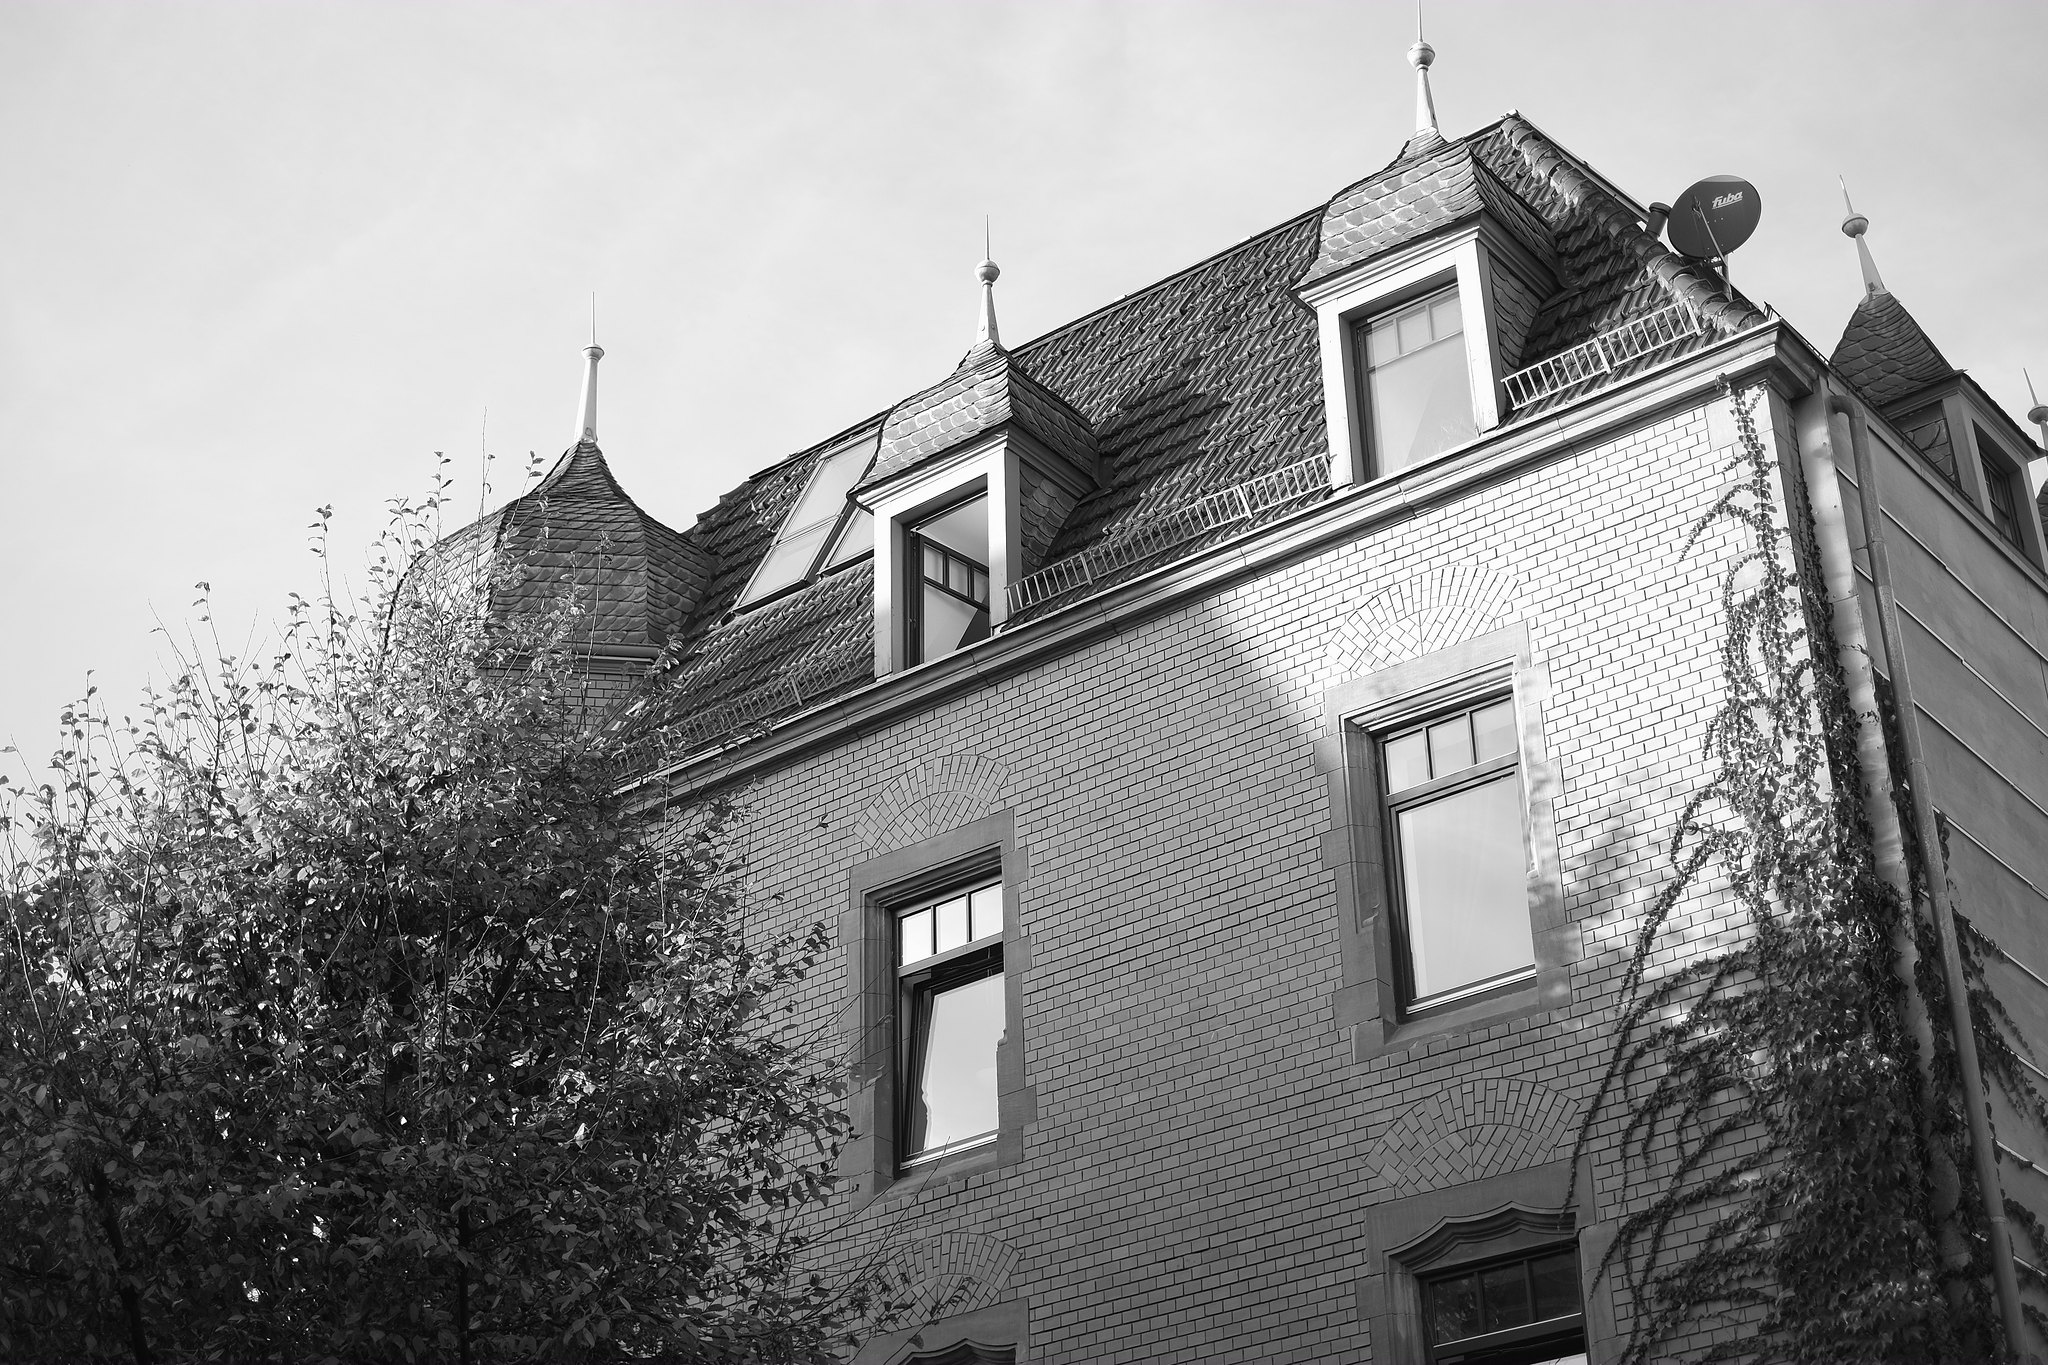 Werderstraße